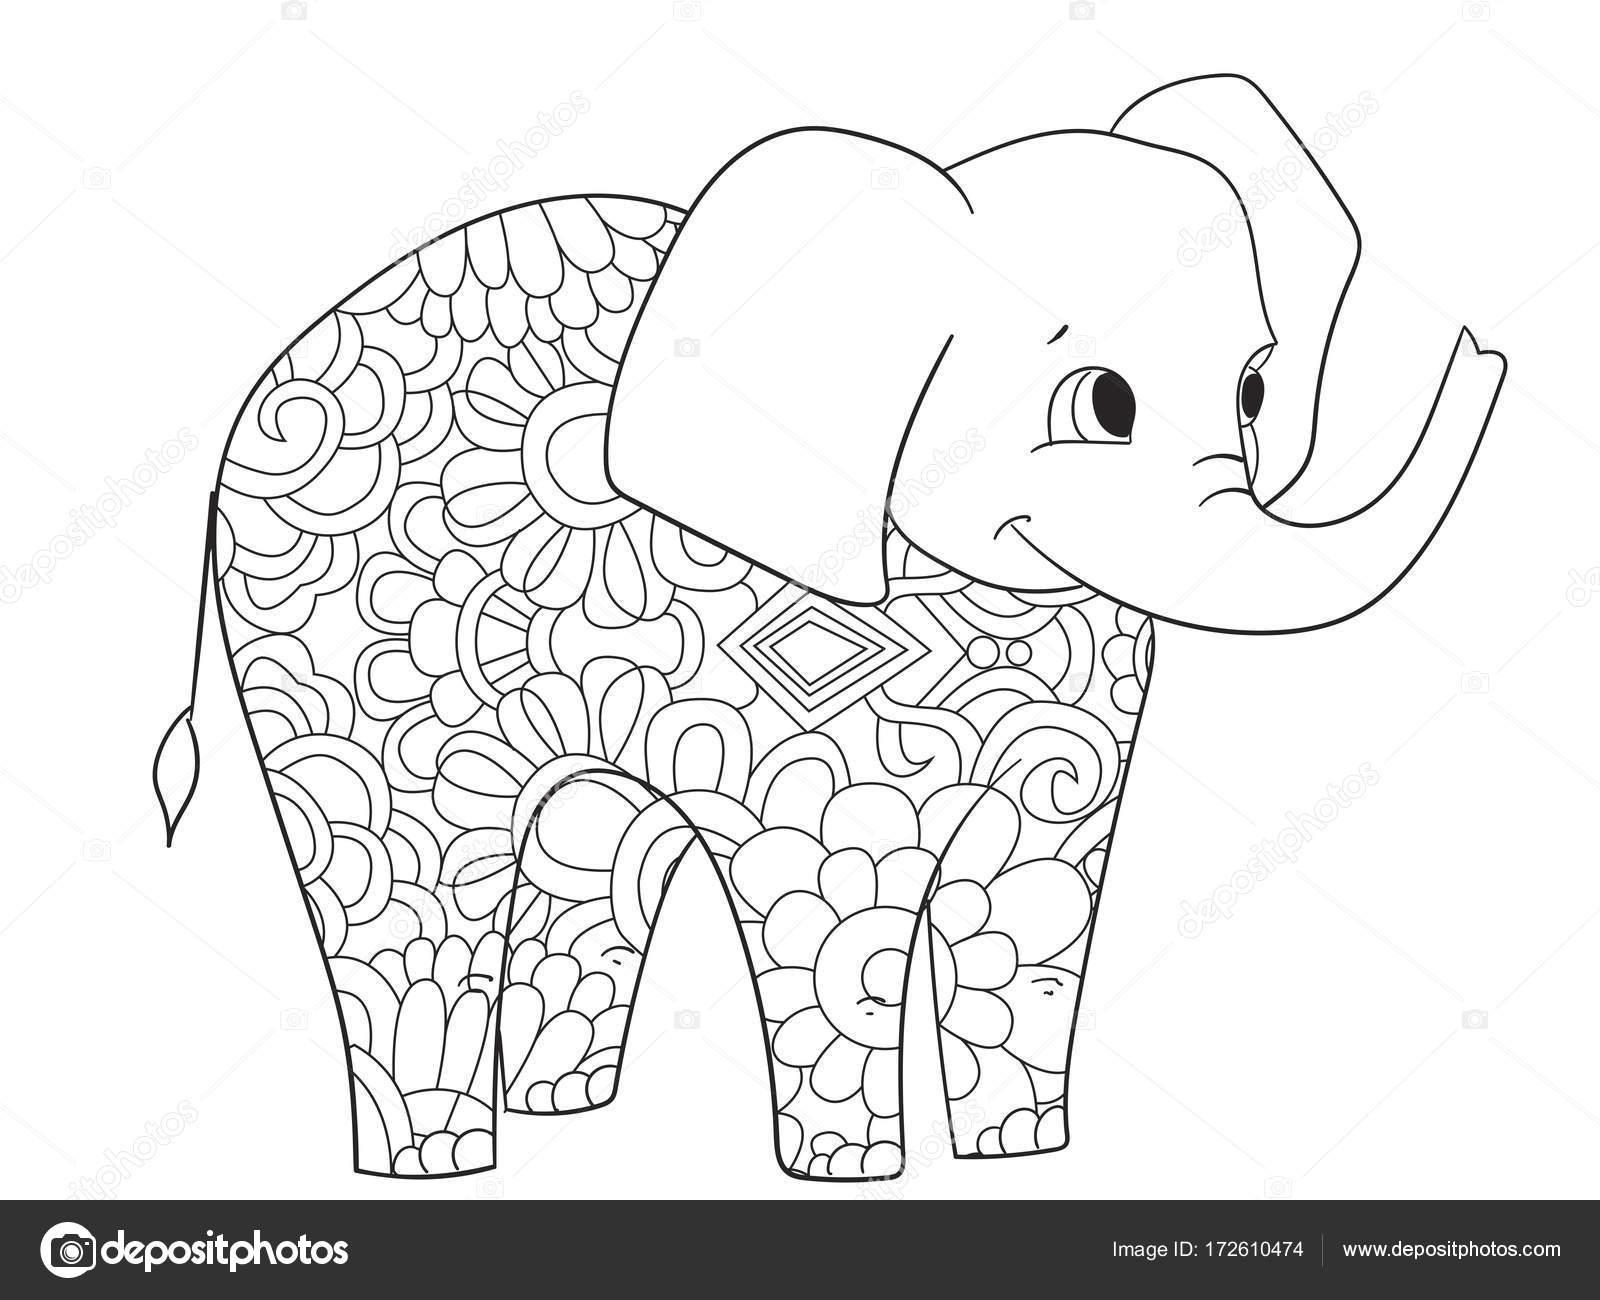 Kleurplaten Van Een Olifant.Olifanten Kleurplaten Vector Voor Volwassenen Dier Stockvector